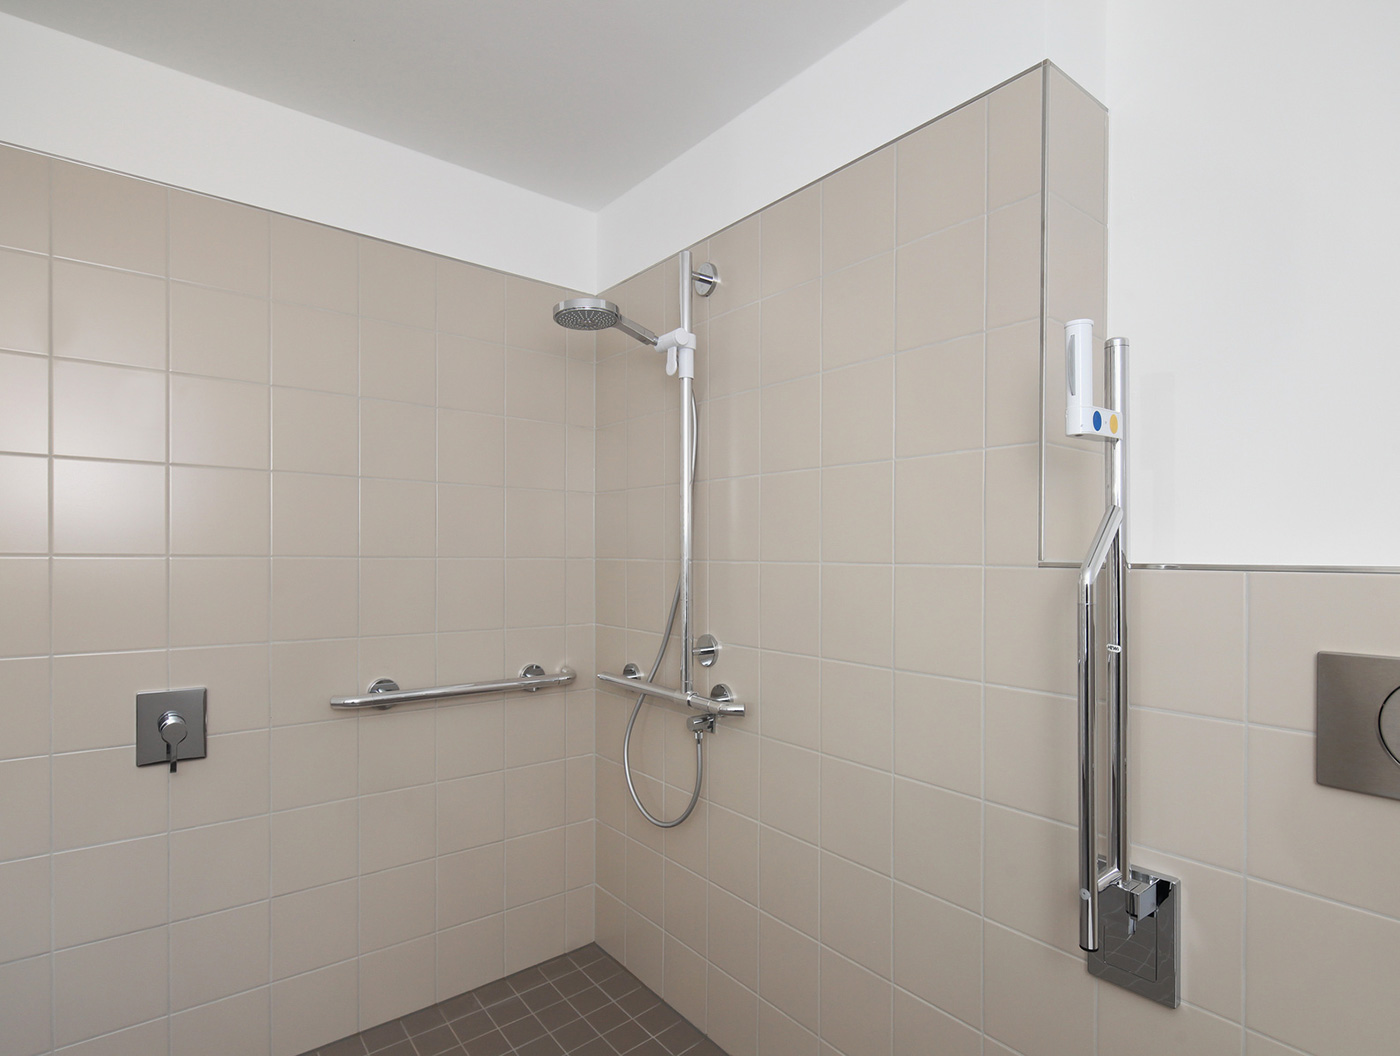 Behindertengerechte Dusche » Barrierefreie Dusche